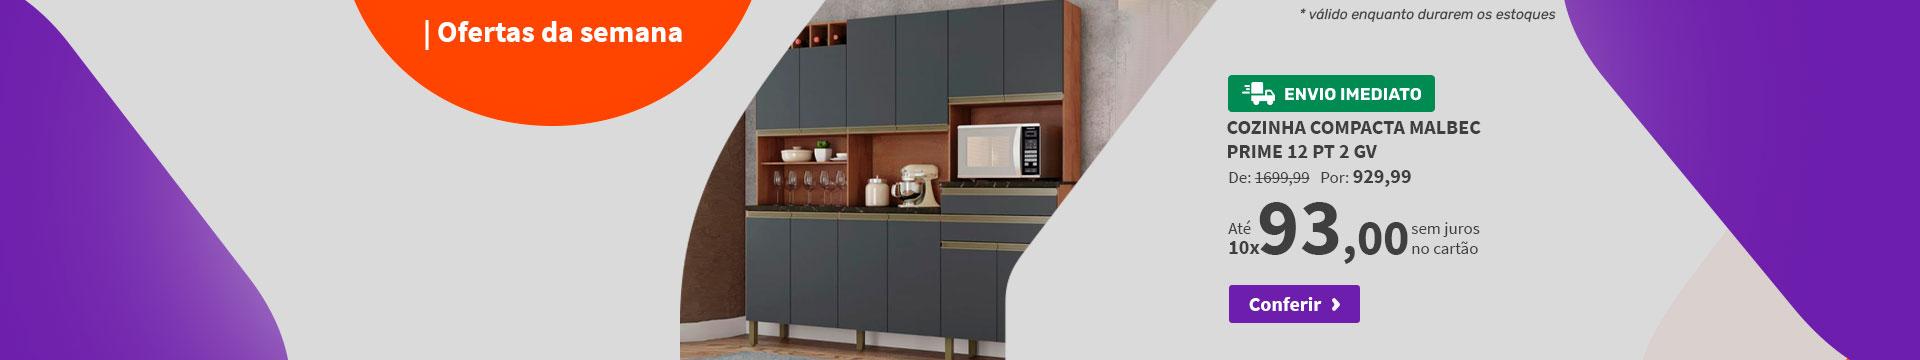 Cozinha Compacta Malbec Prime 12 PT 2 GV Castanho e Chumbo - Ofertas da semana